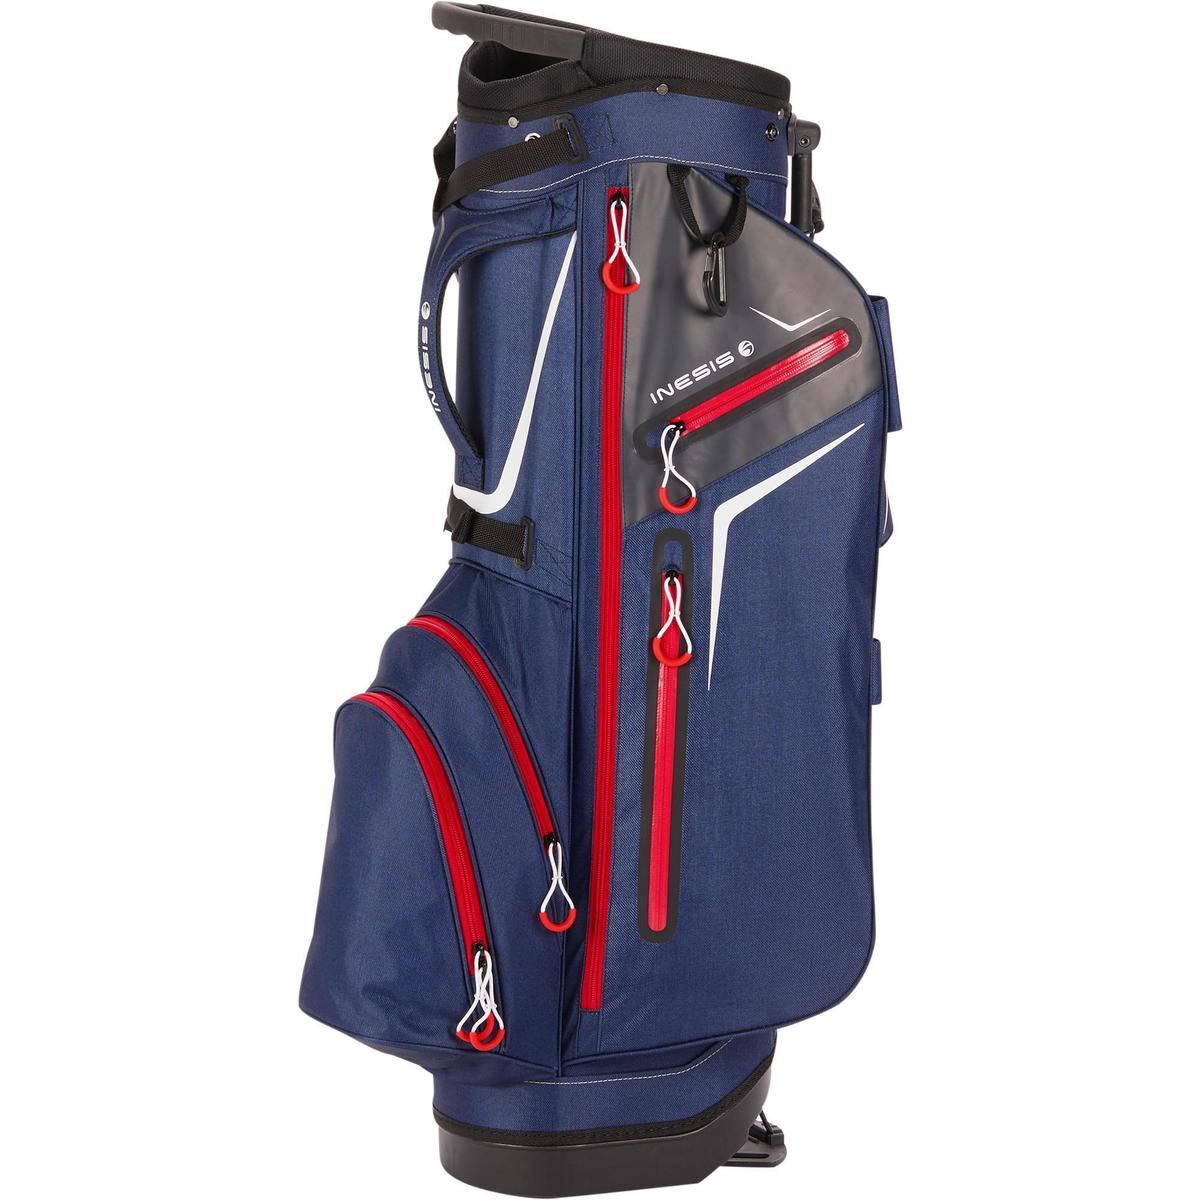 Bild 2 von Golf Standbag Light